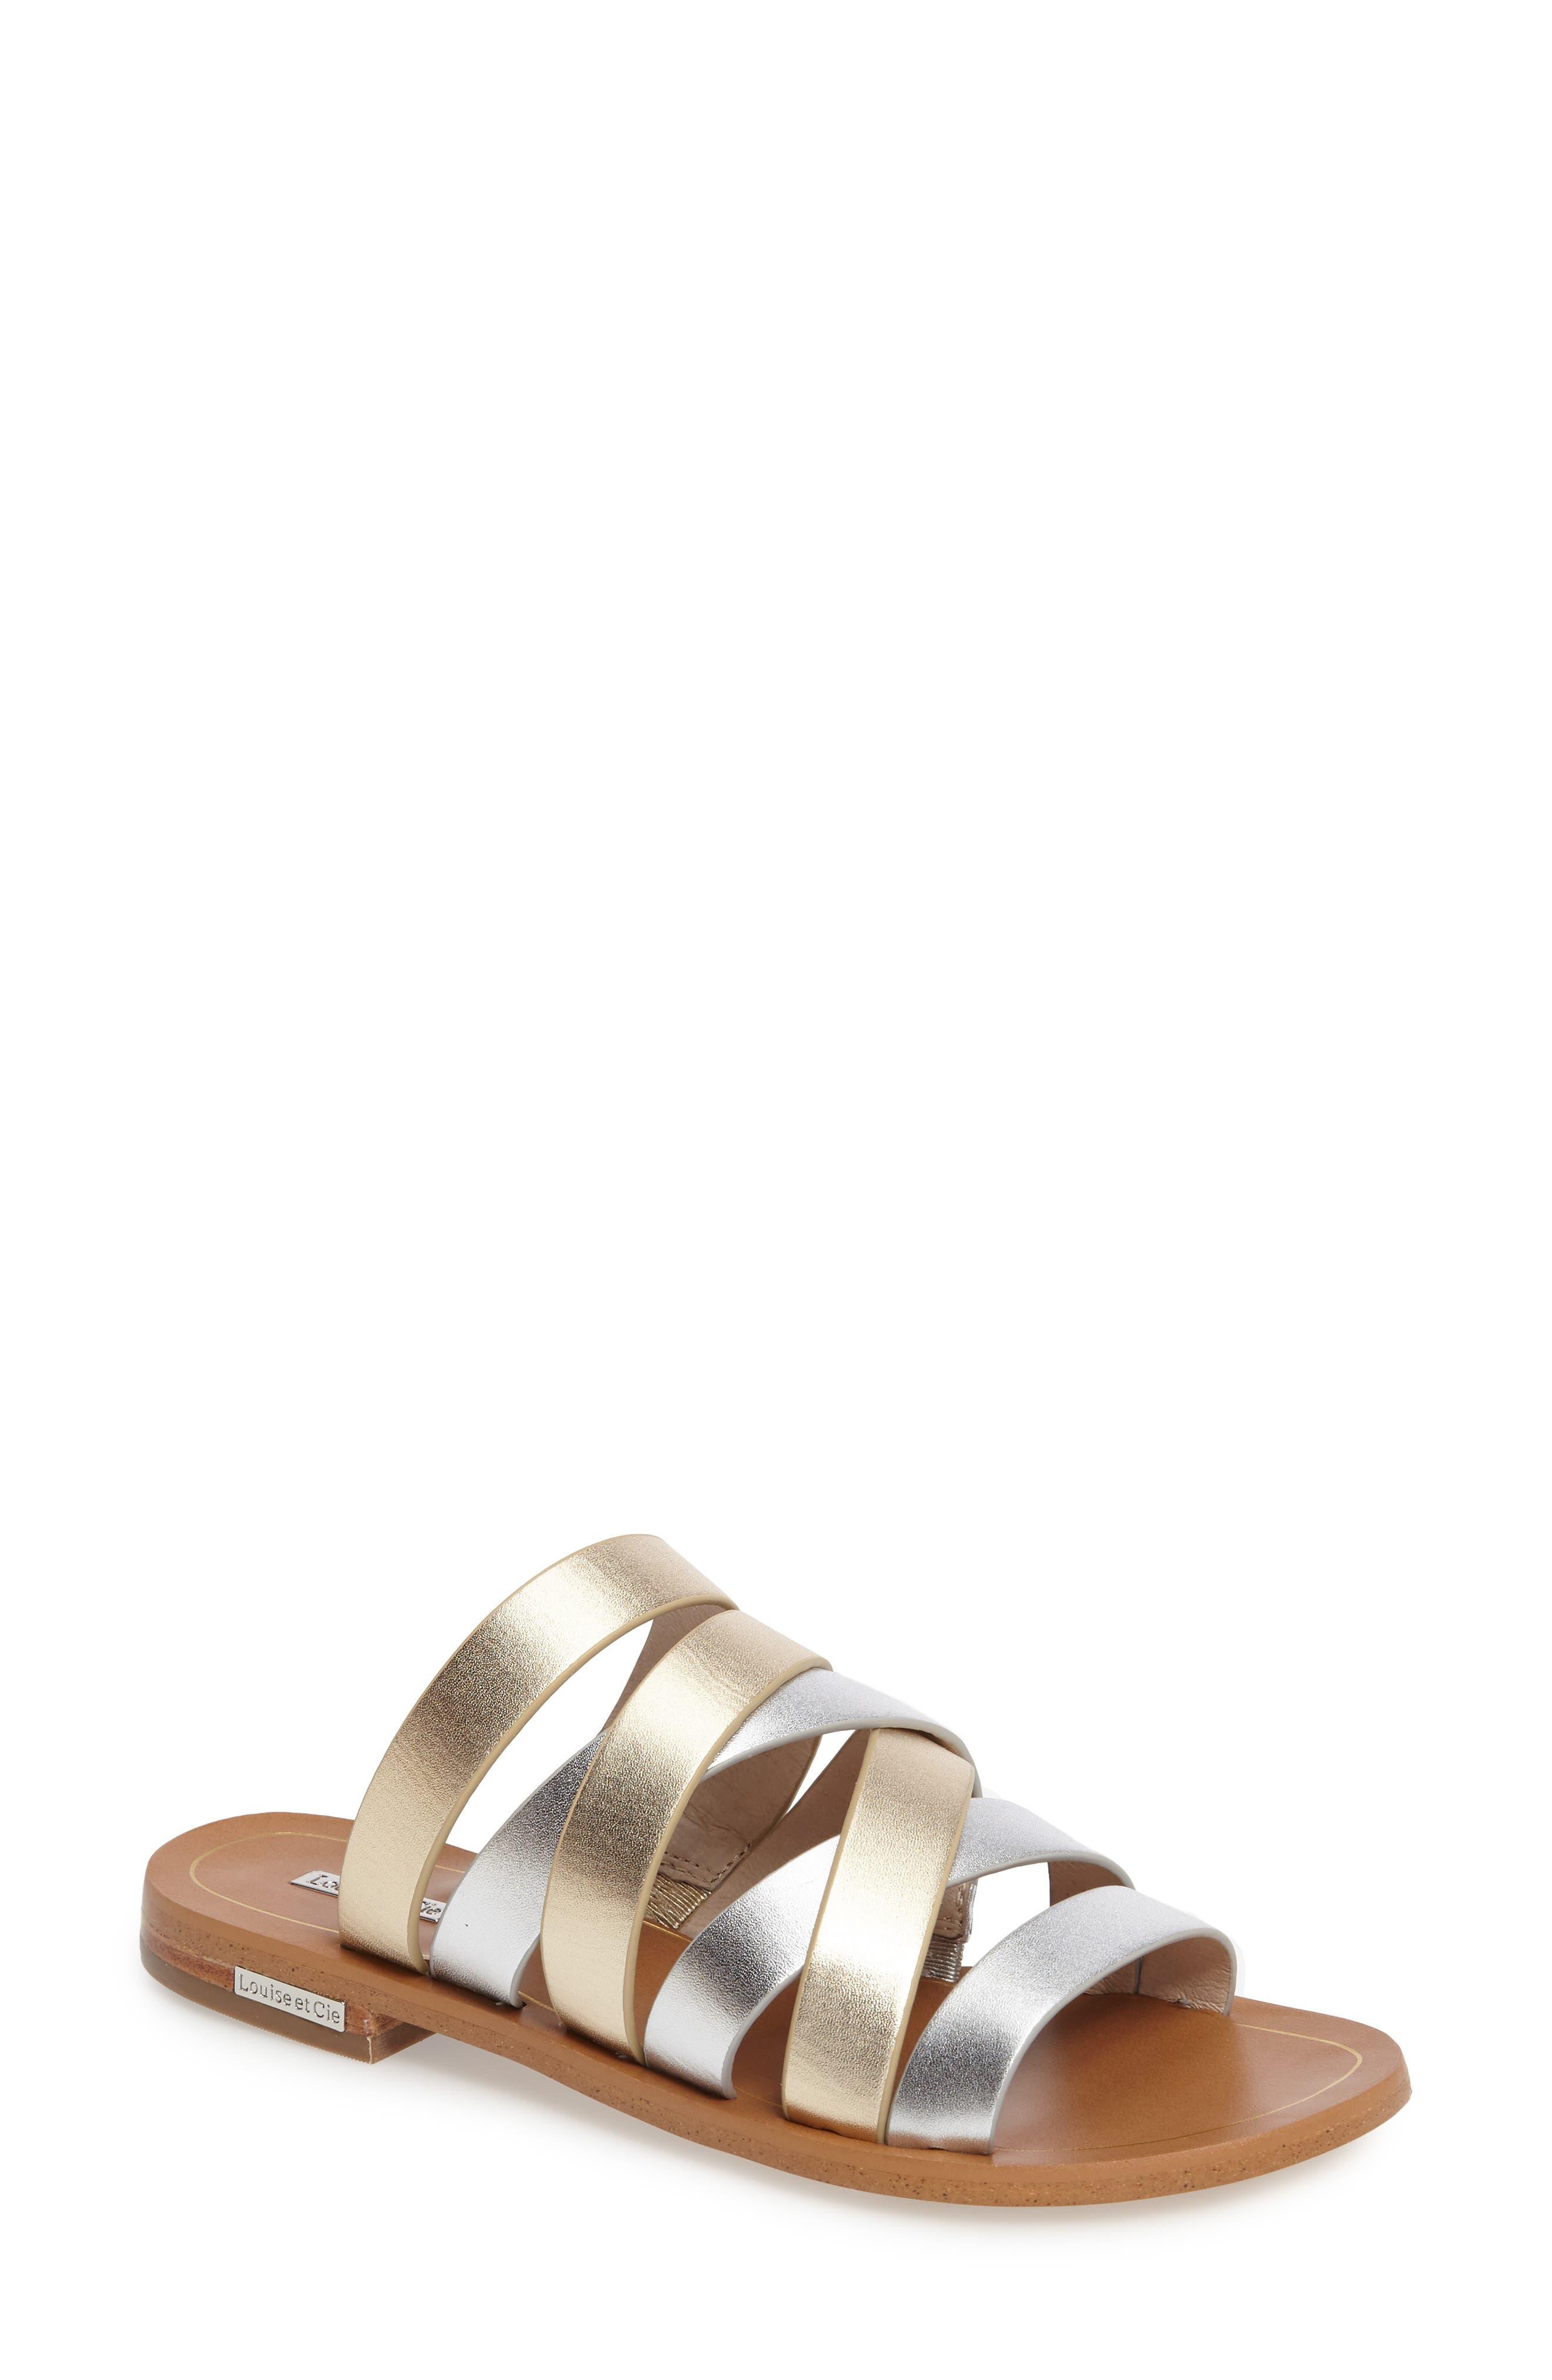 Braelynn Slide Sandal,                             Main thumbnail 1, color,                             Sterling Leather